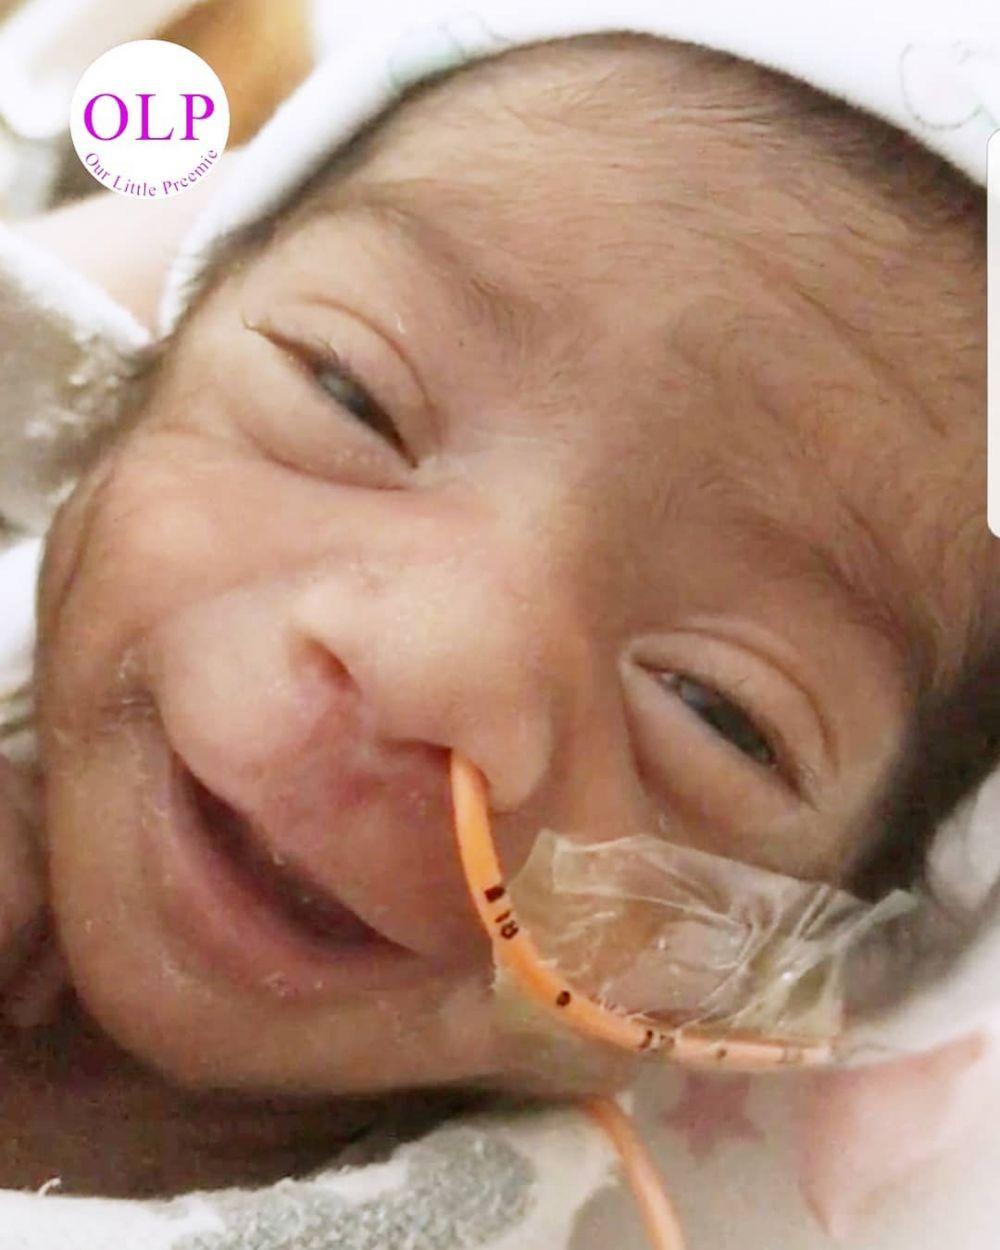 13 Potret bayi prematur © 2018 brilio.net